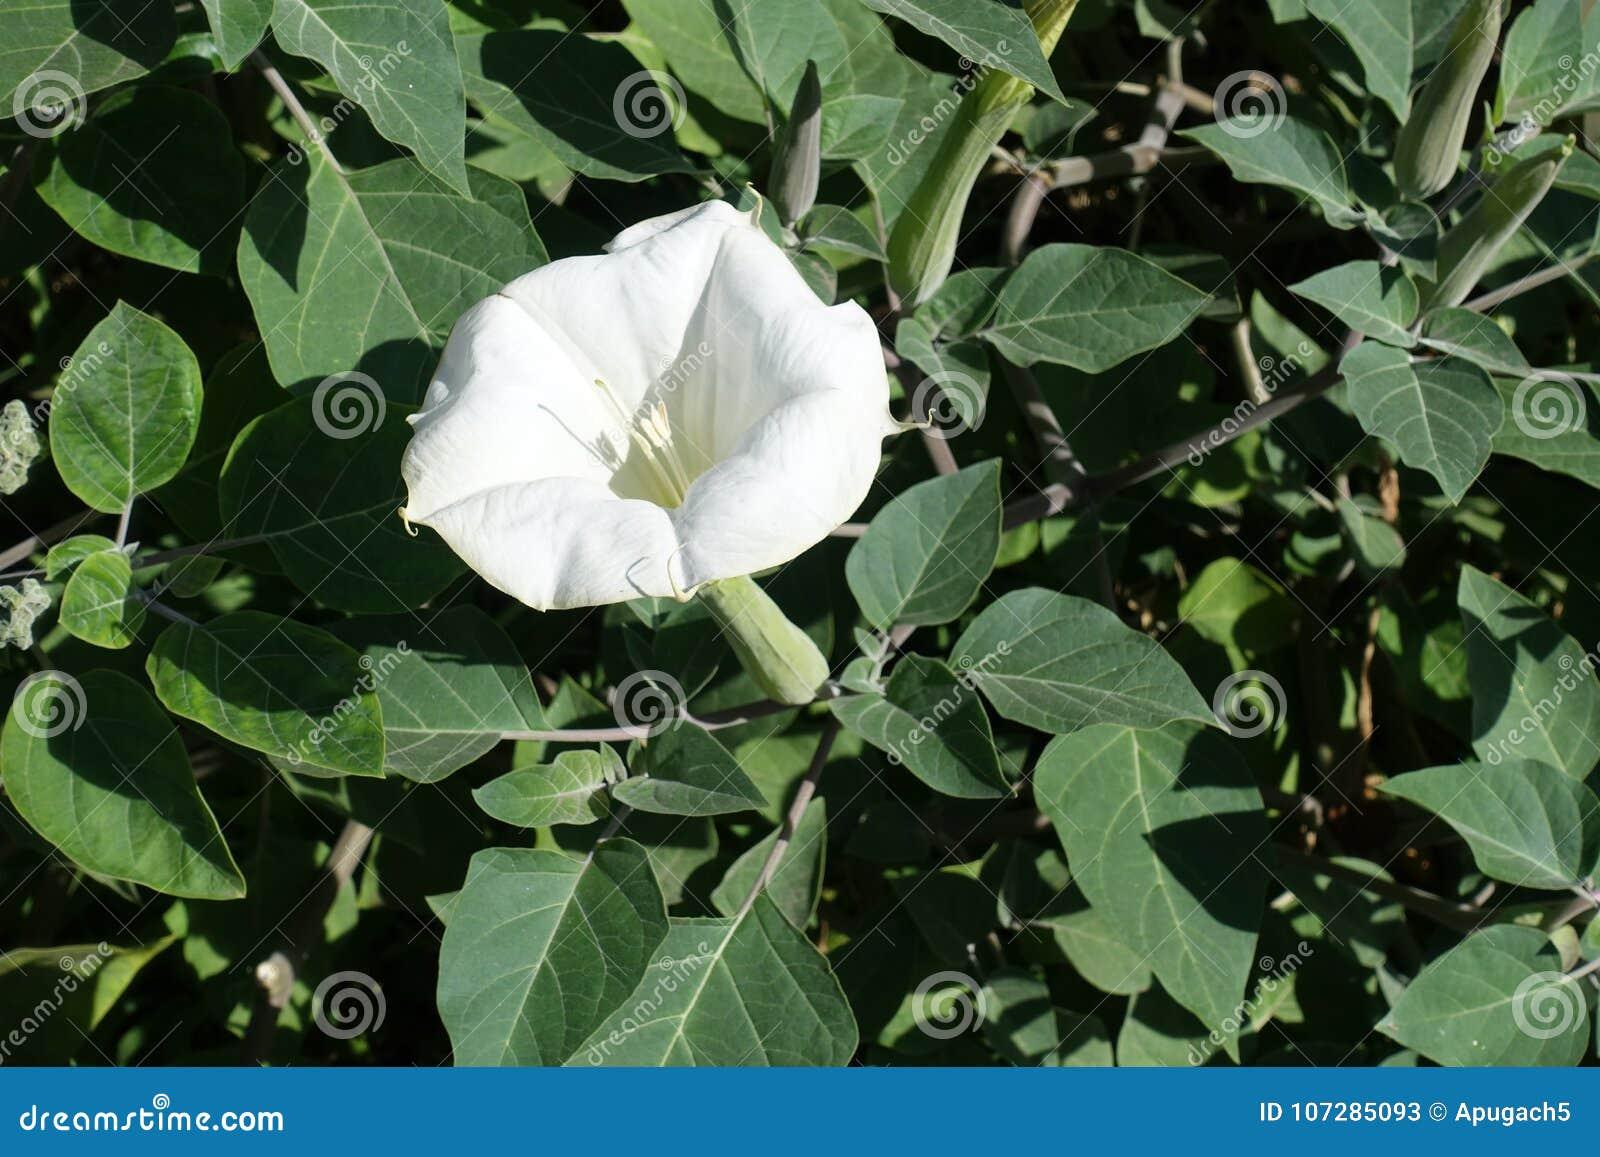 Weiße Blume des heiligen Stechapfels im Garten